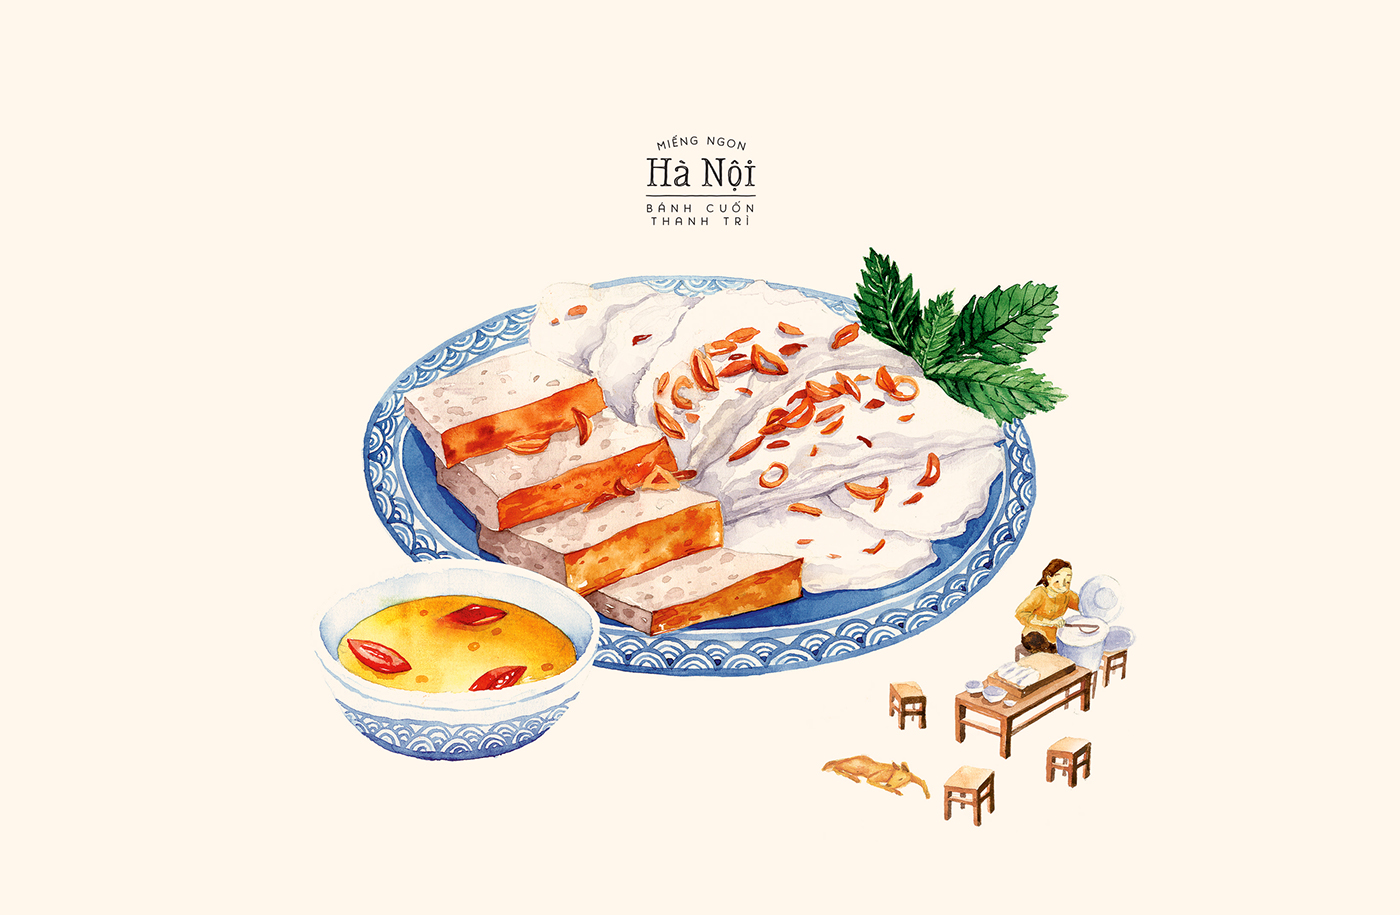 A-taste-of-hanoi-04